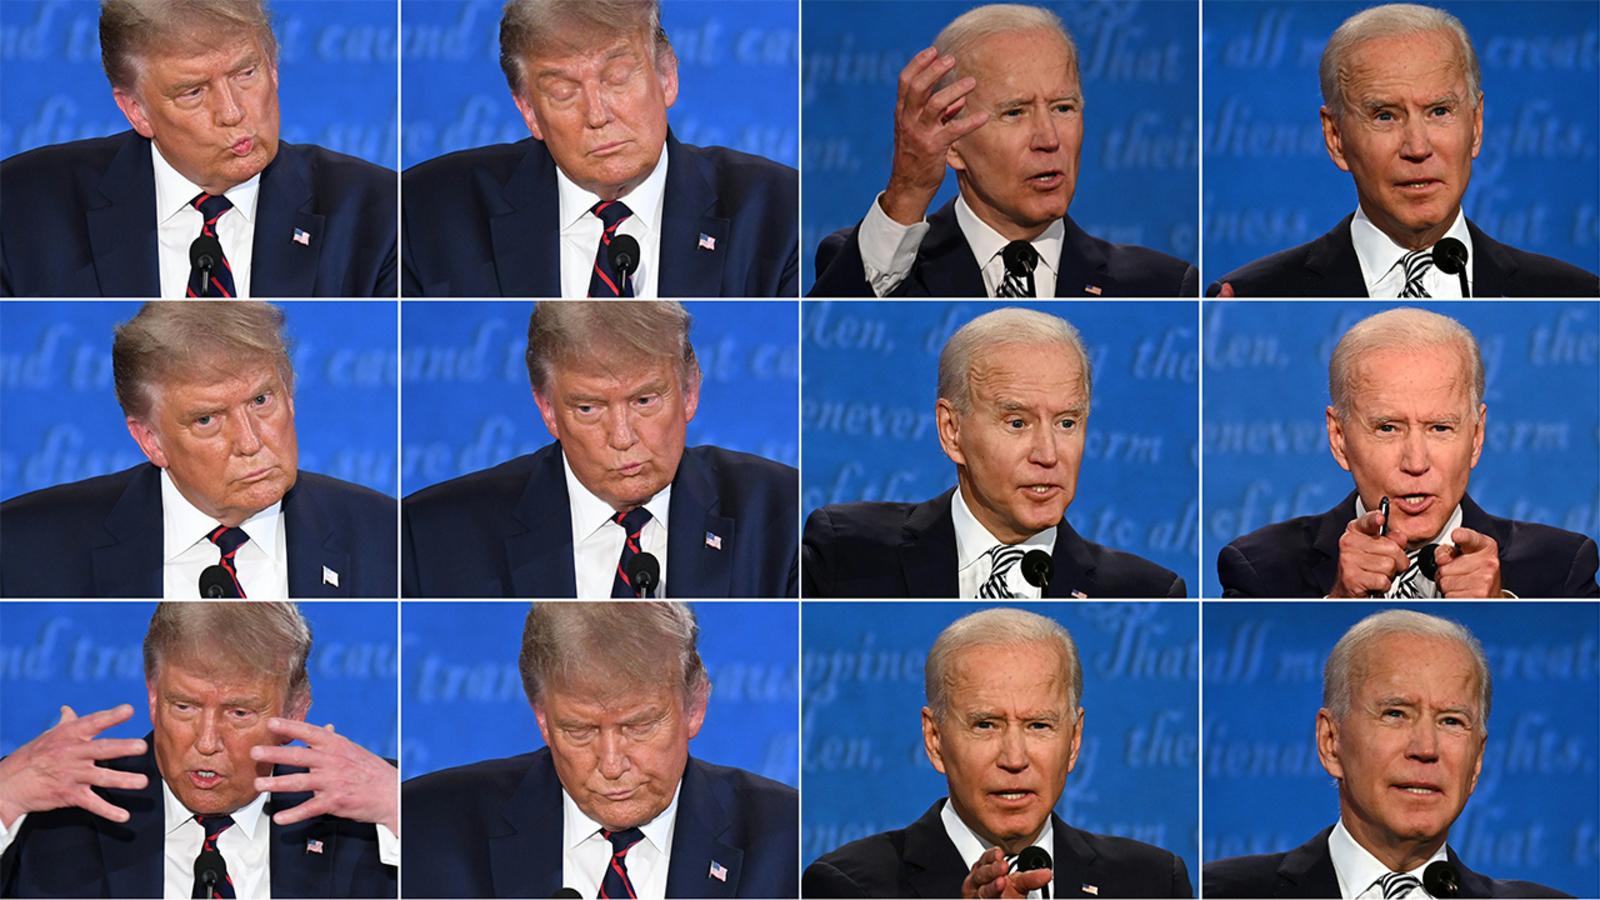 总统大选首场辩论被称为史上最混乱的电视辩论